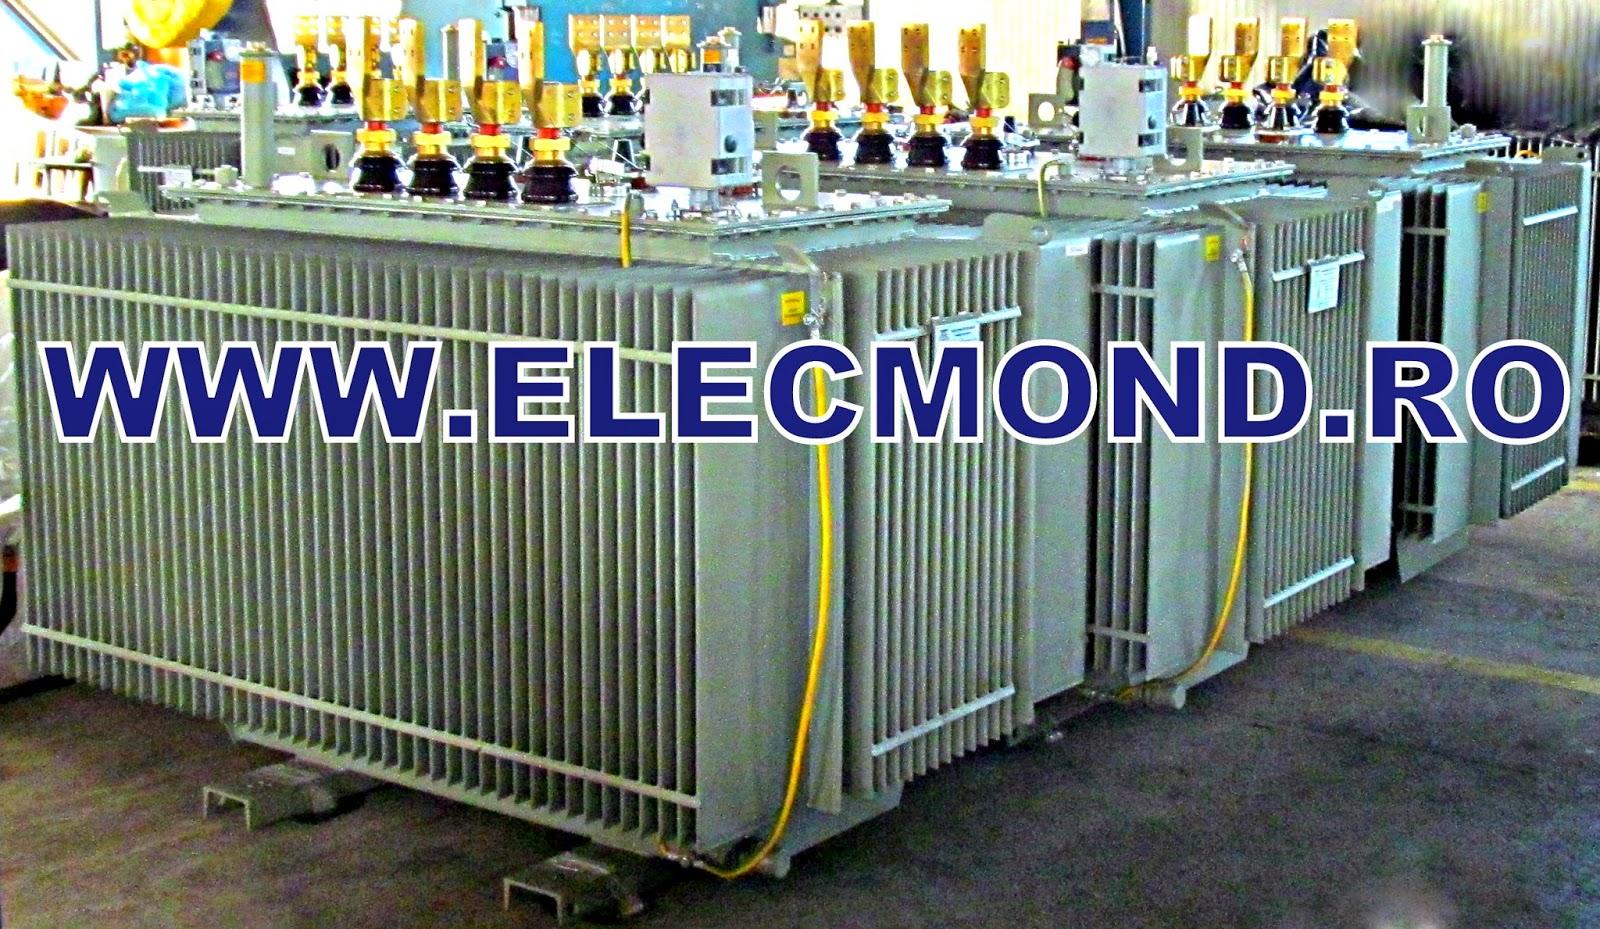 Transformator 2500 kVA , Transformator 2000 kVA  , transformator 1600 kVA , transformator 1250 kVA,  transformator 1000 kVA , TRANSFORMATOR 800 kVA , transformator 630 kVA , transformator 400 kVA , transformator 250 kVA , transformator 175 kVA, transformator 160 kVA , transformator 100 kVA , transformator 63 kVA transformator 50 kVA , transformator 40 kVA , transformator 25 kVA ,  transformatoare  stoc ,  , transformatoare ELECMOND ELECTRIC CRAIOVA